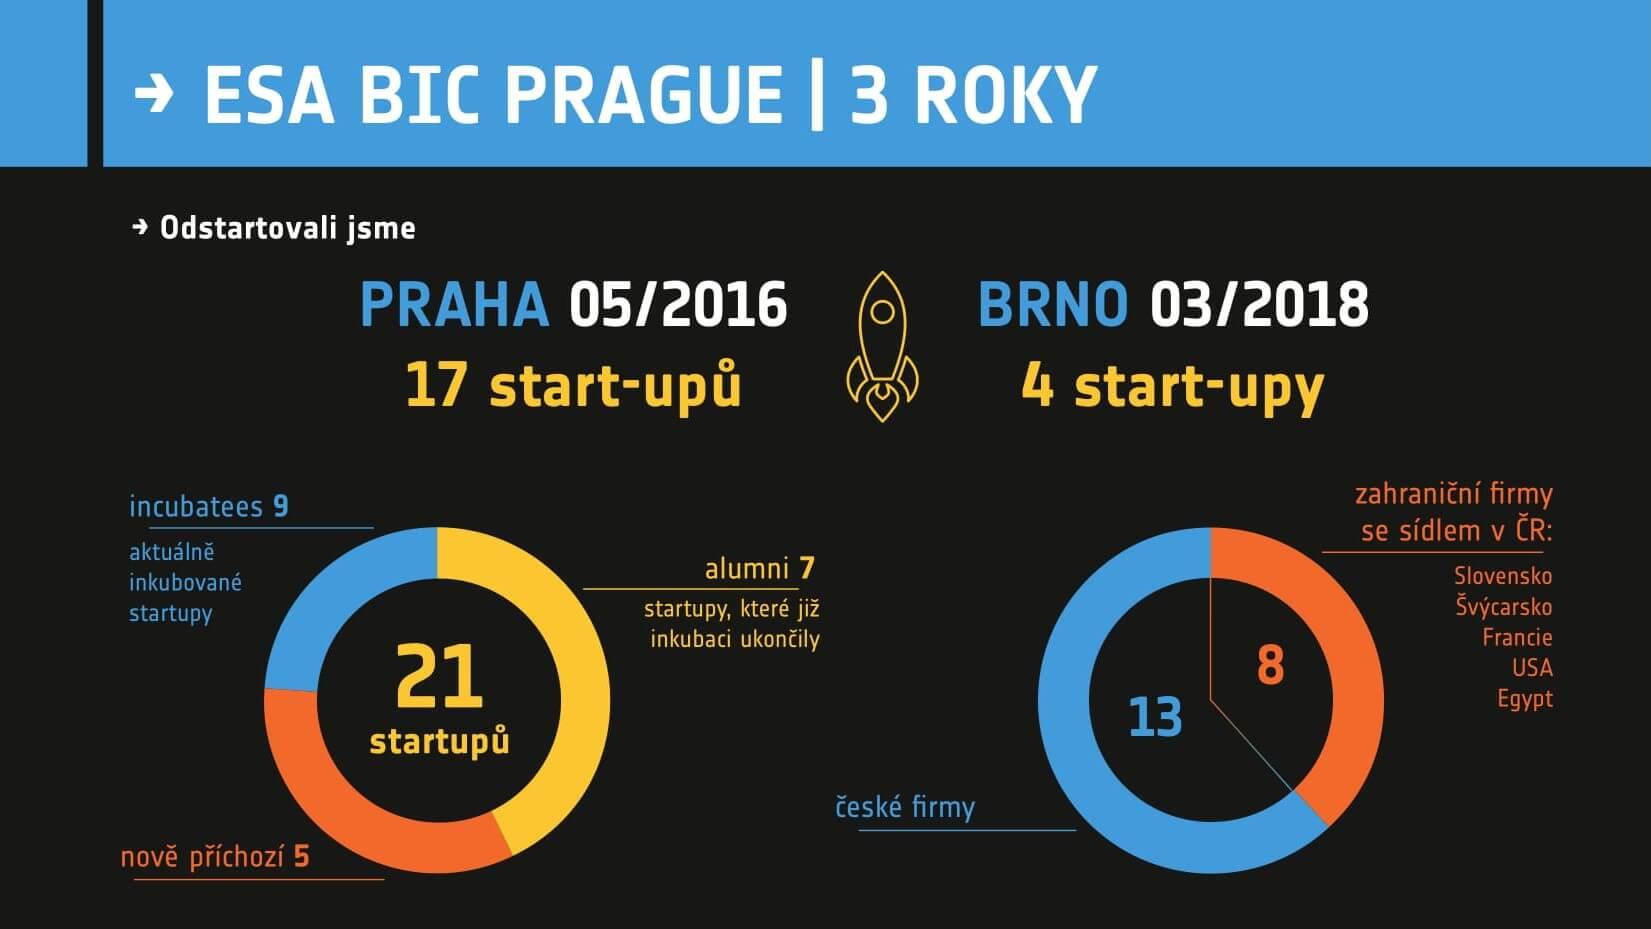 Za 3 roky vstoupilo do kosmického inkubátoru ESA BIC Prague 21 start-upů